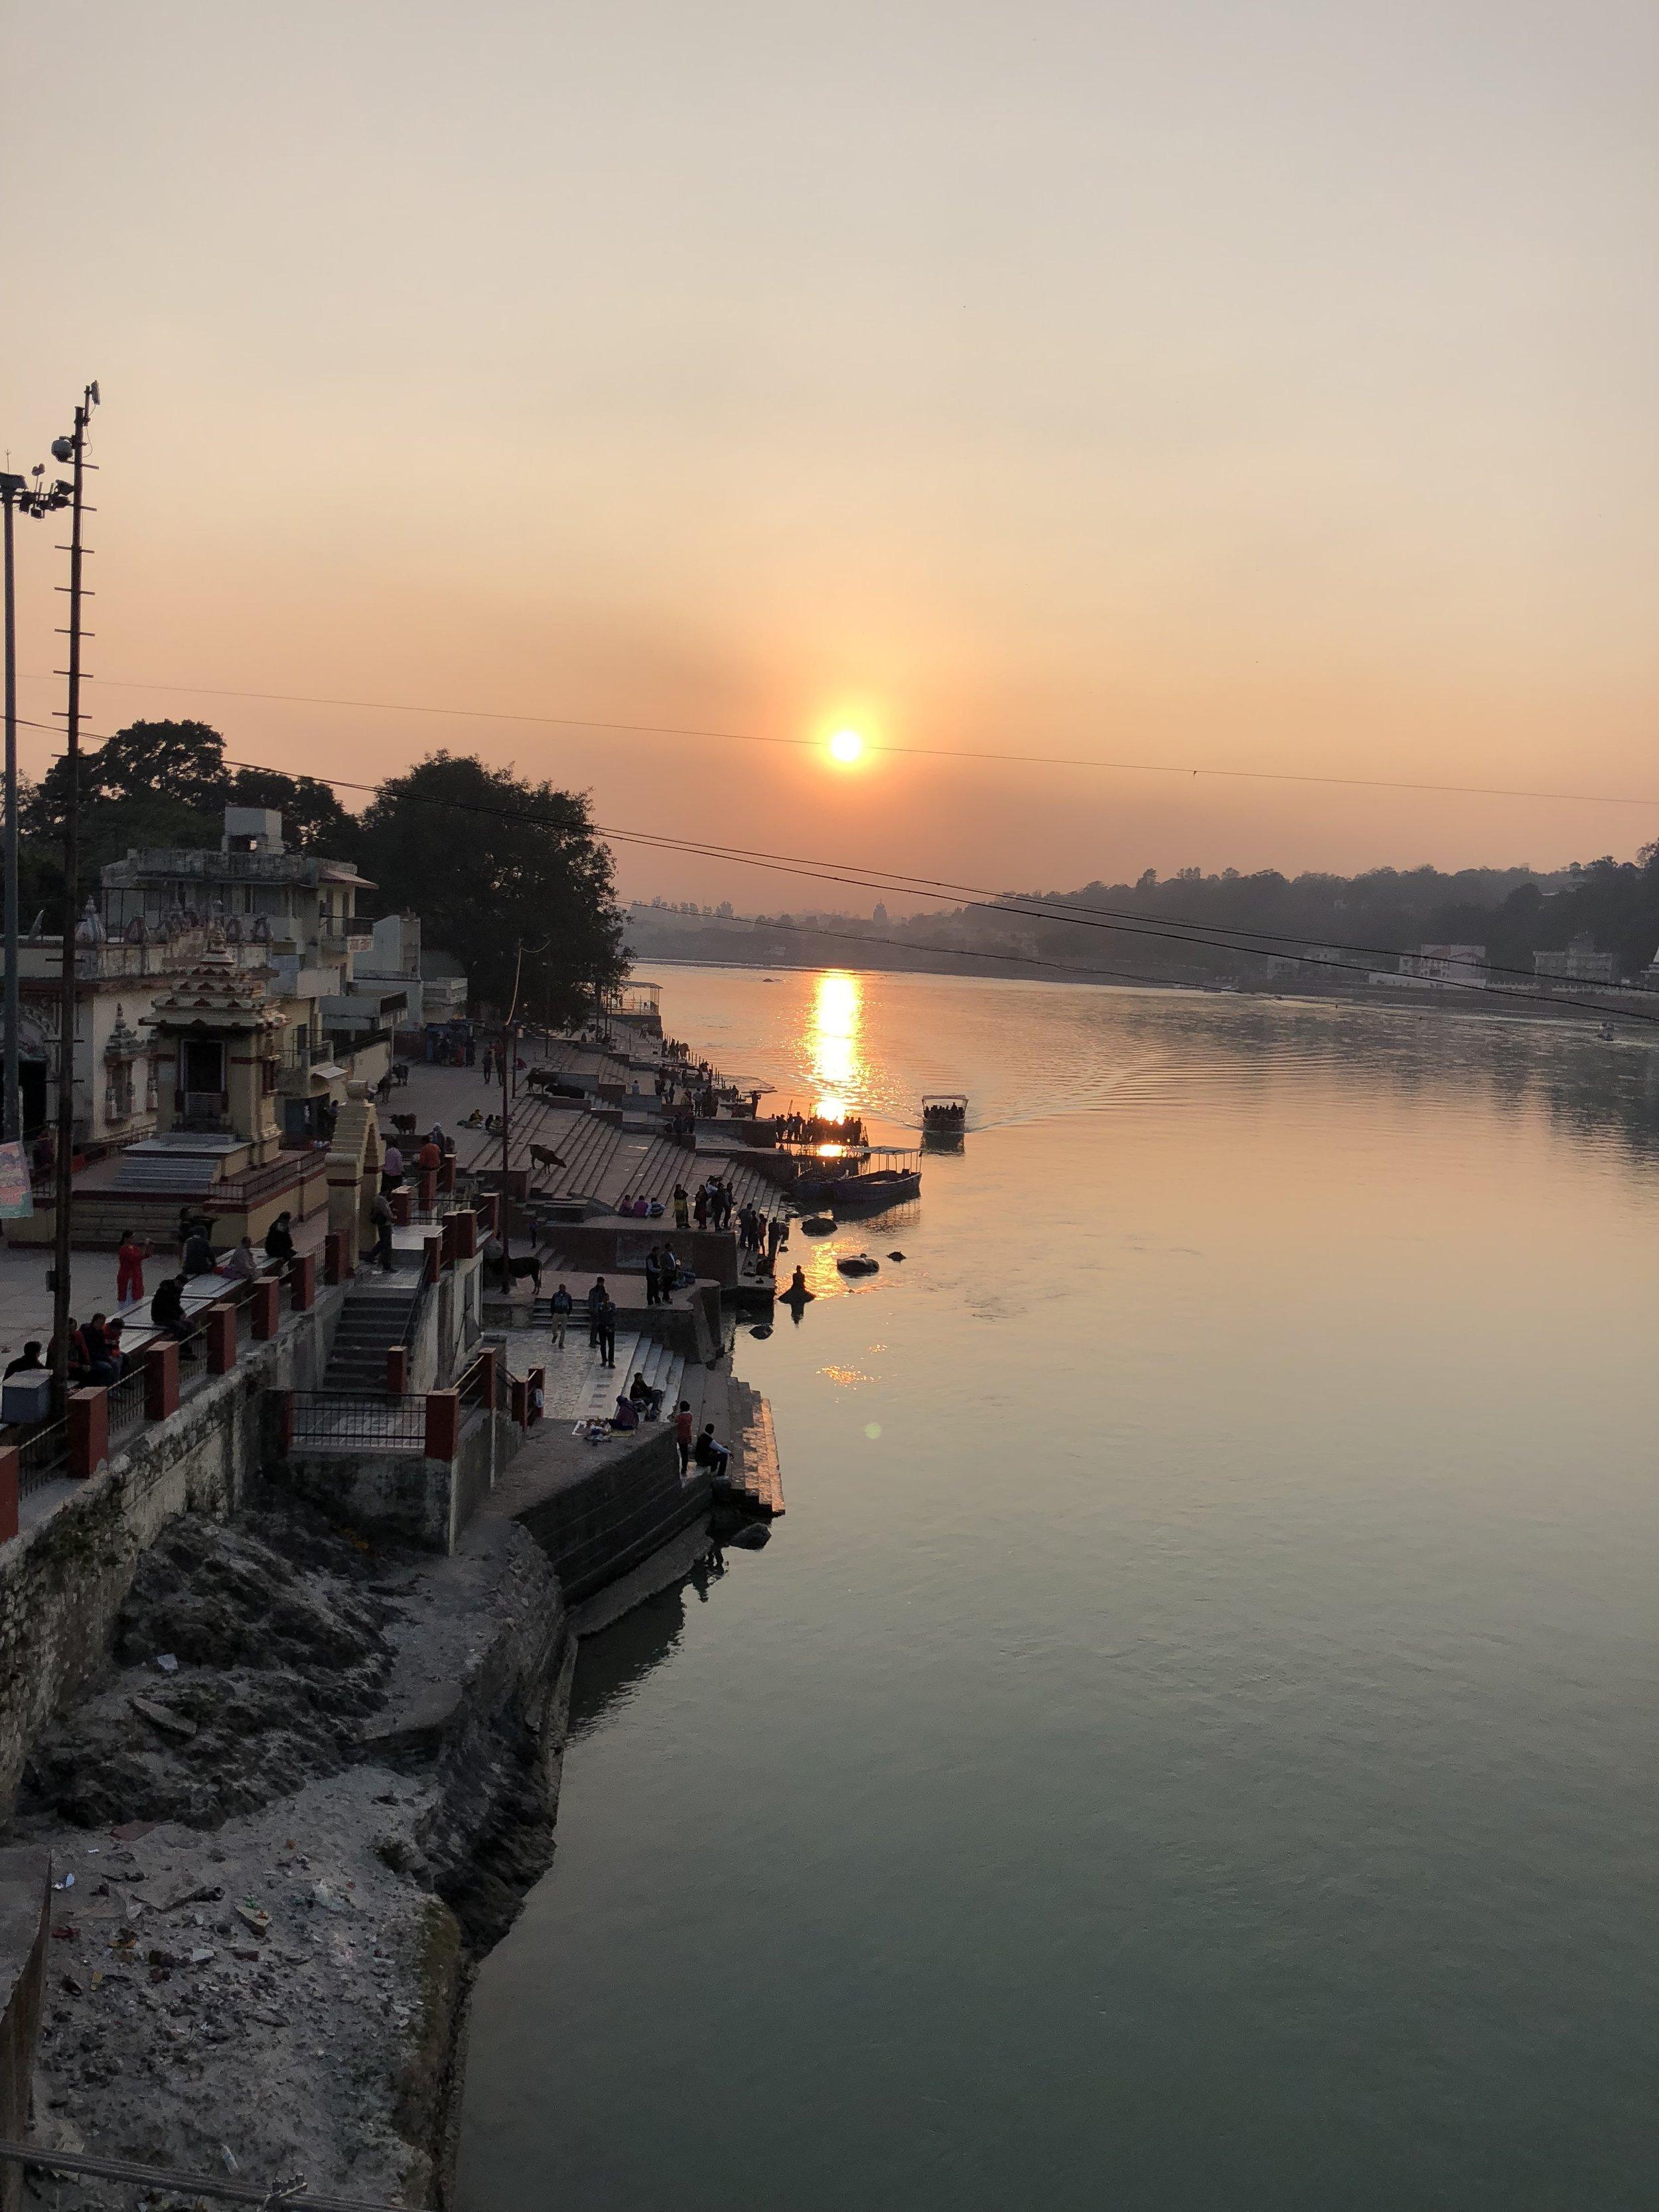 Sunset in Rishikesh 2018